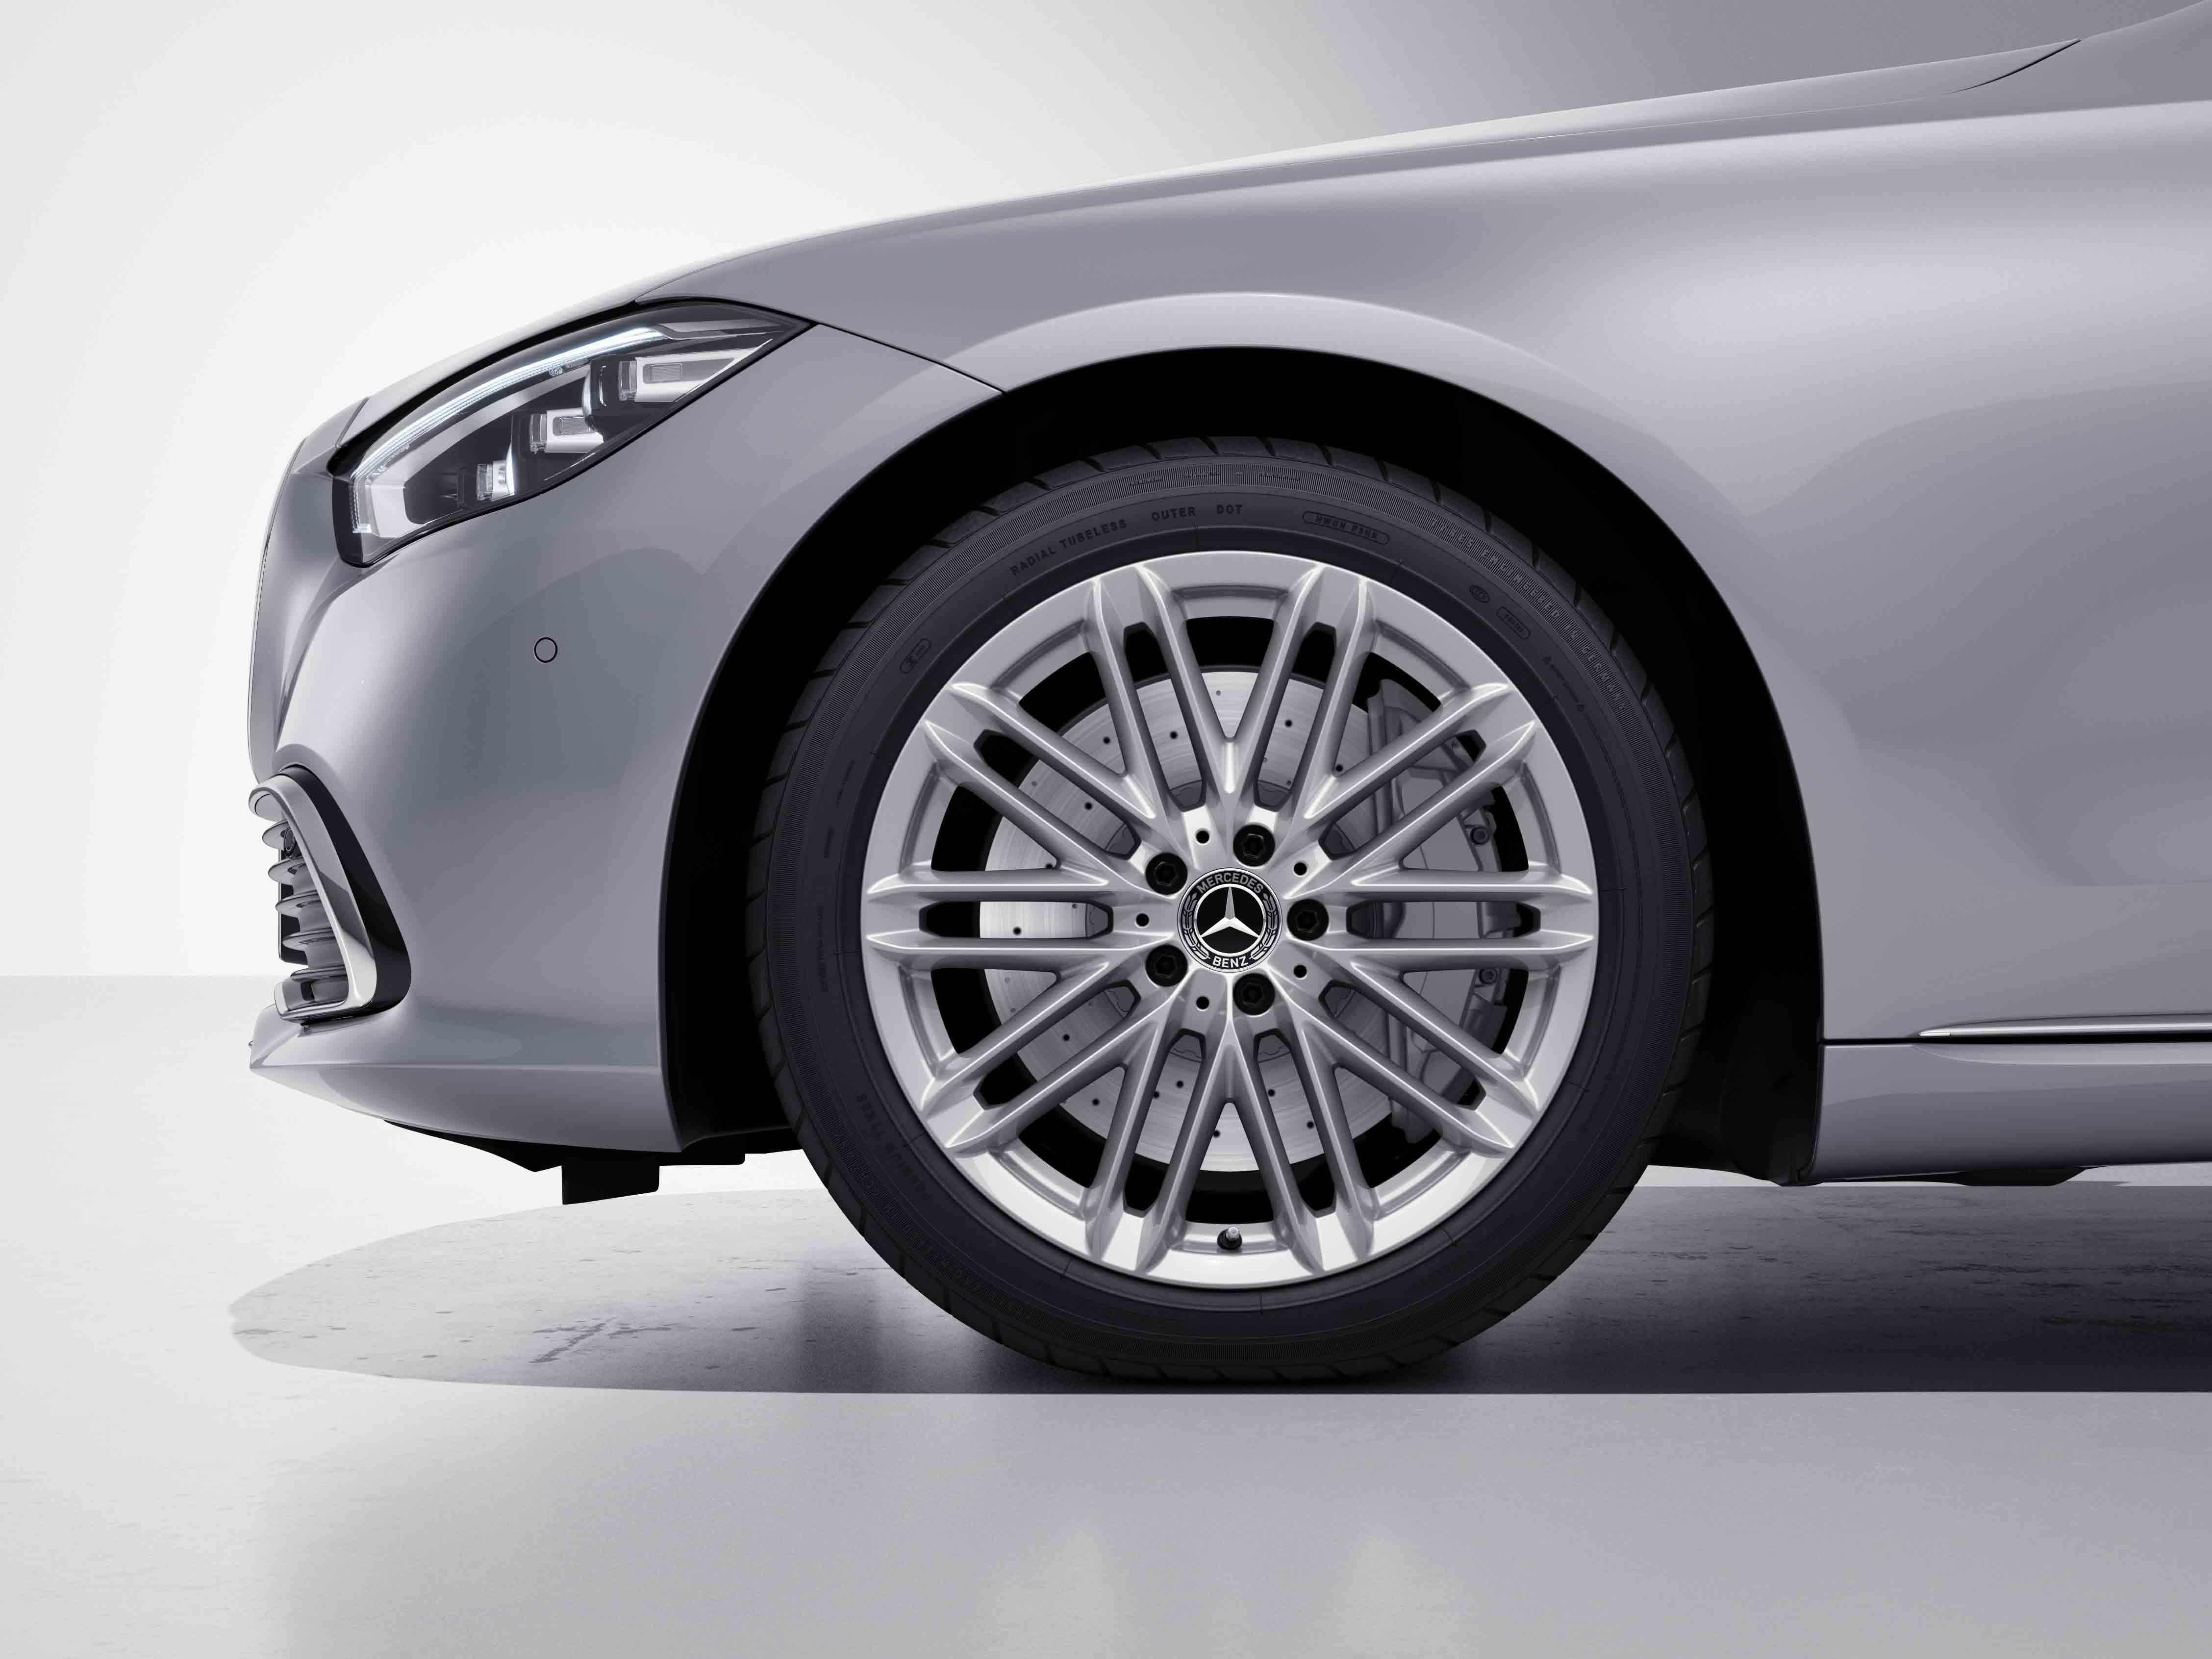 Jantes AMG 19 à doubles branches de la Mercedes-Benz Classe S Limousine